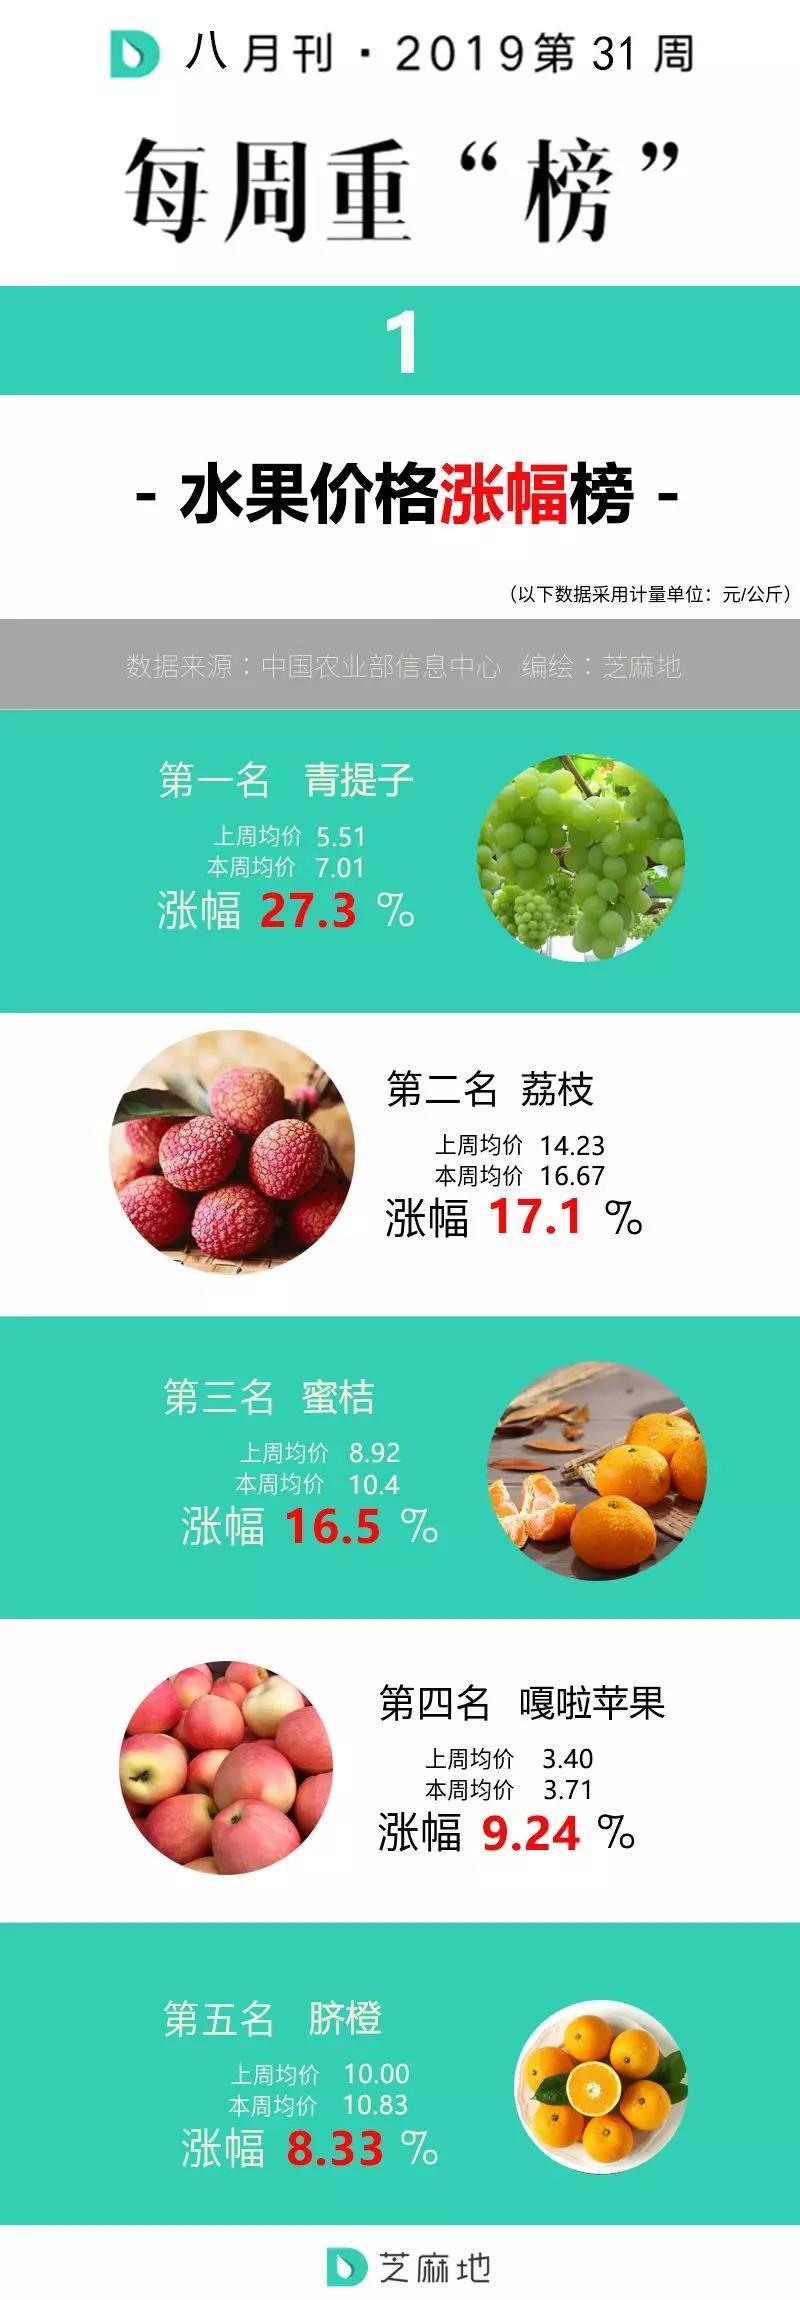 水果价格涨幅榜.jpg